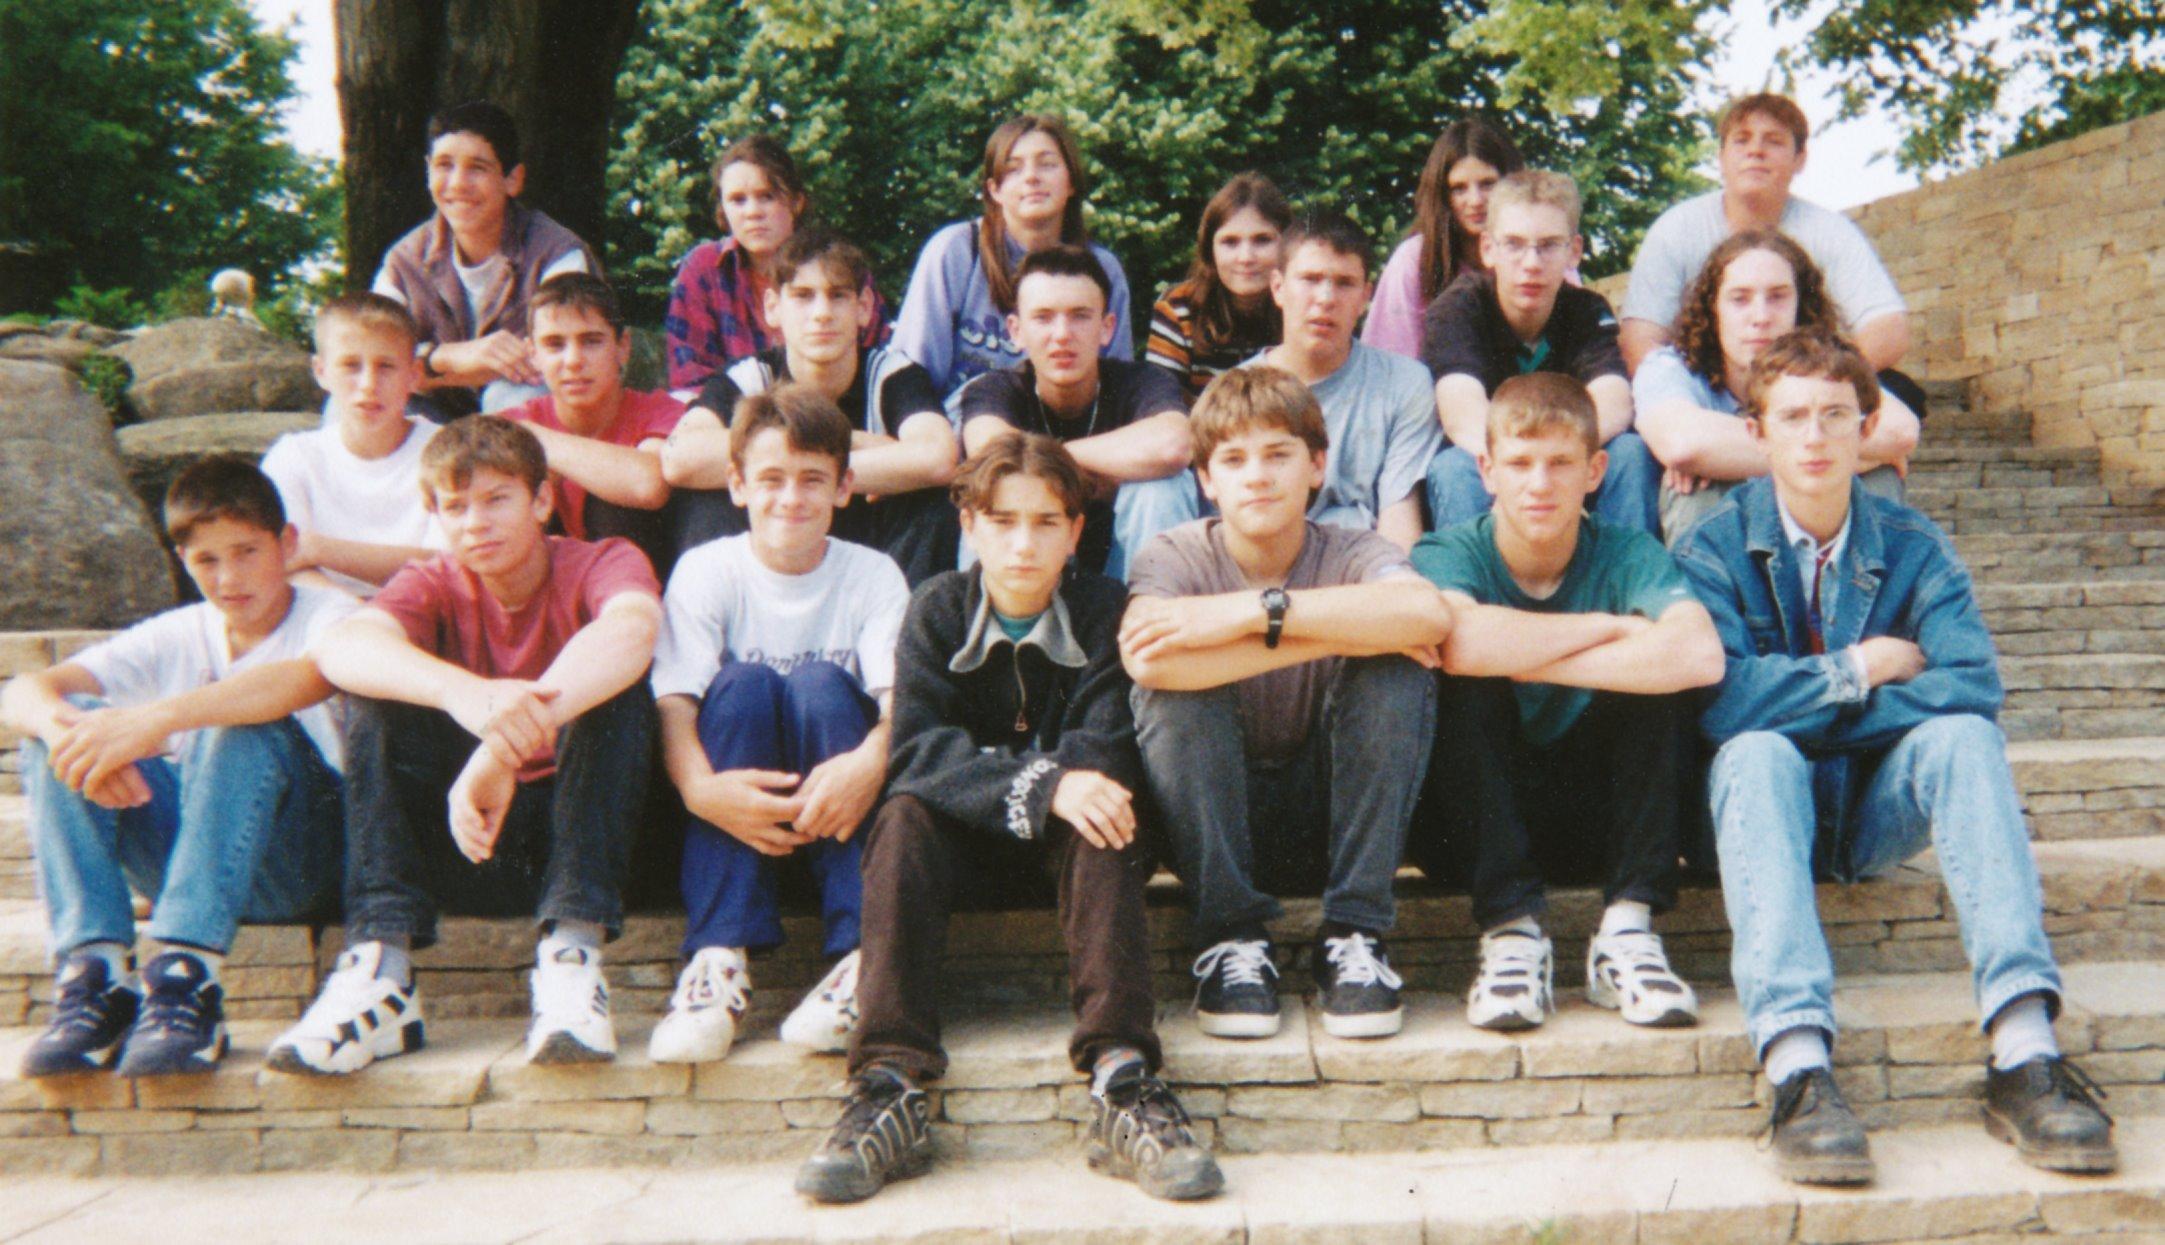 Archives anciens élèves mfr puy-sec 1996 2